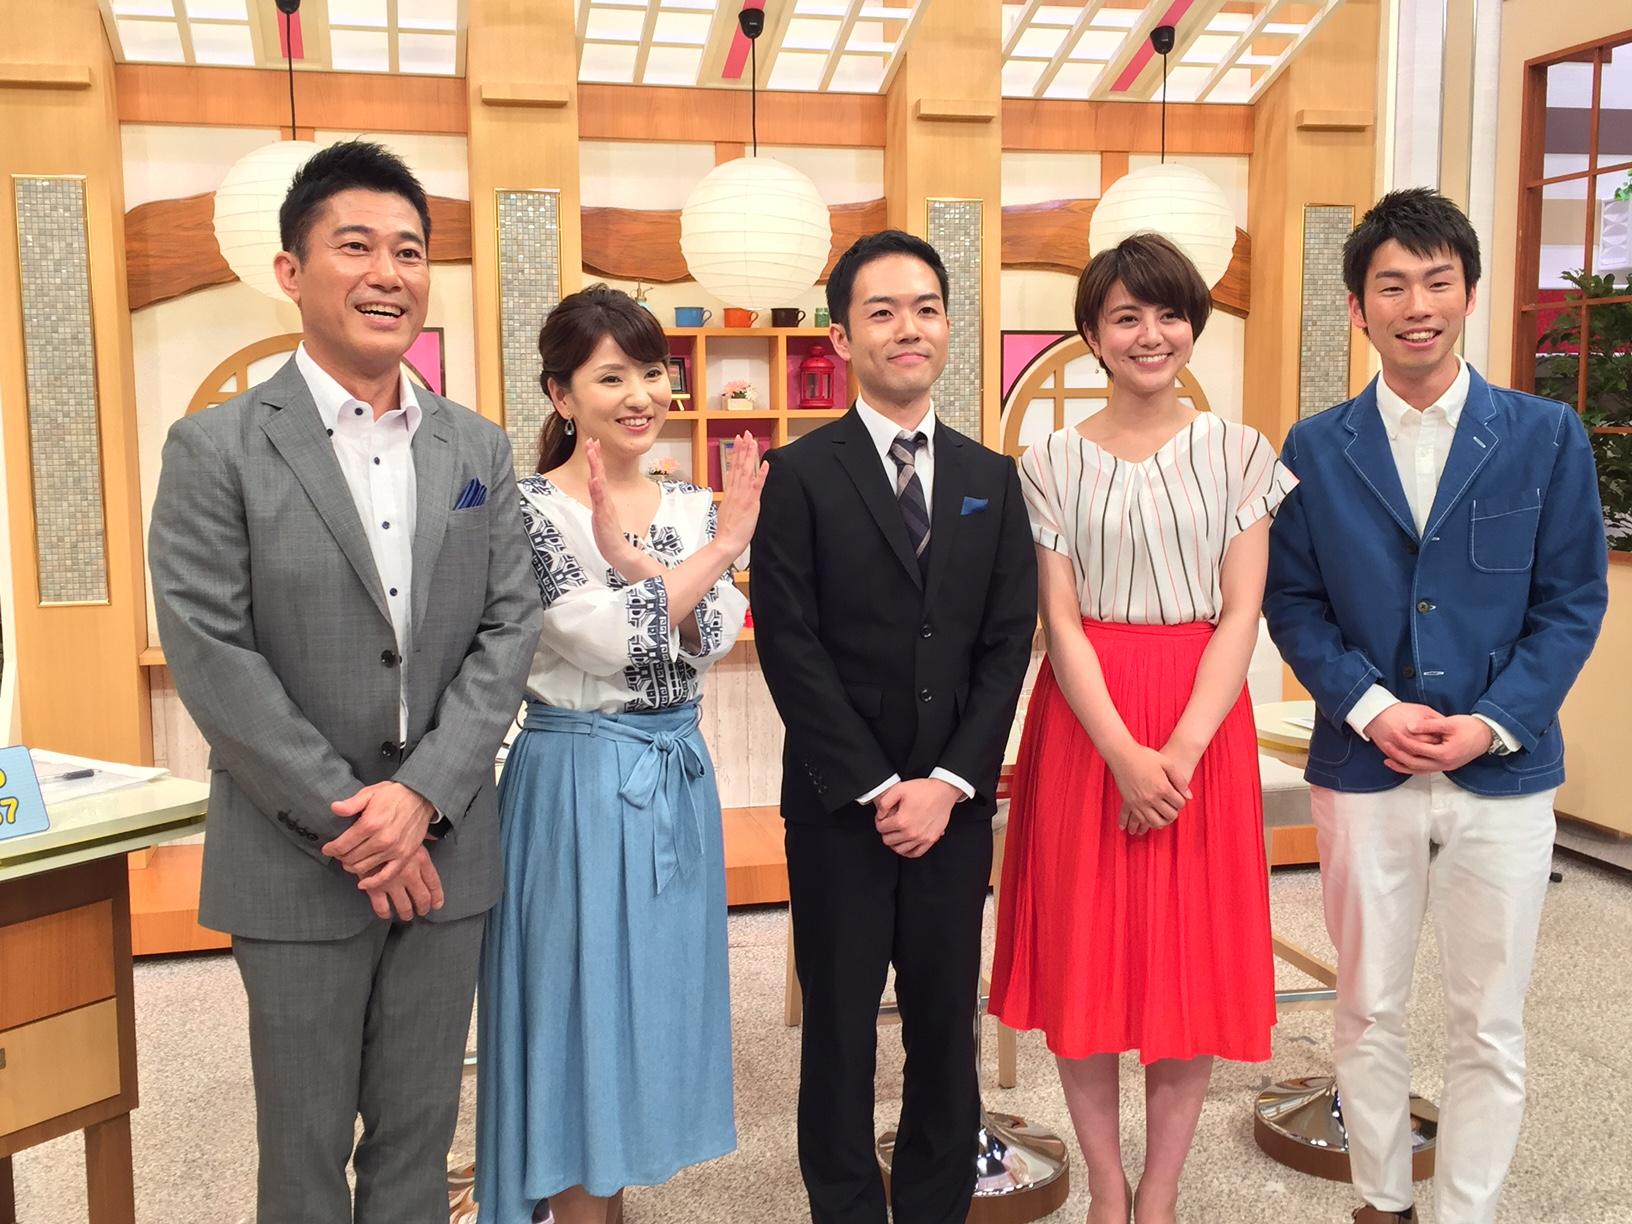 東日本国際大学の三浦健一准教授が福島放送「ヨジデス」のレギュラーコメンテーターに